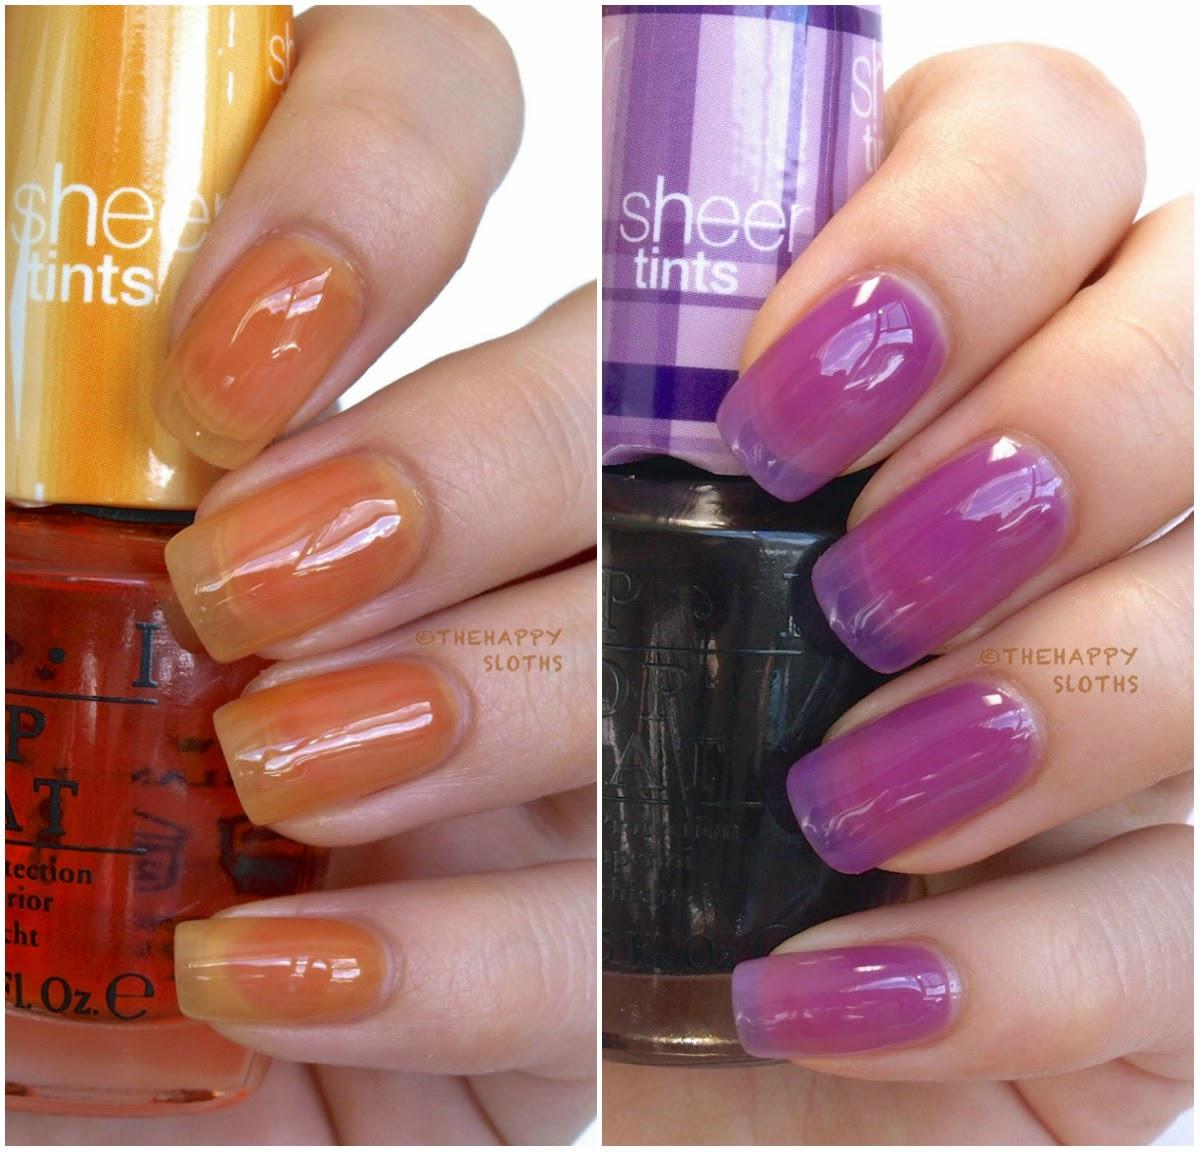 Sheer Pink Opi Nail Polish: OPI Sheer Tints Top Coat: Review And Swatches